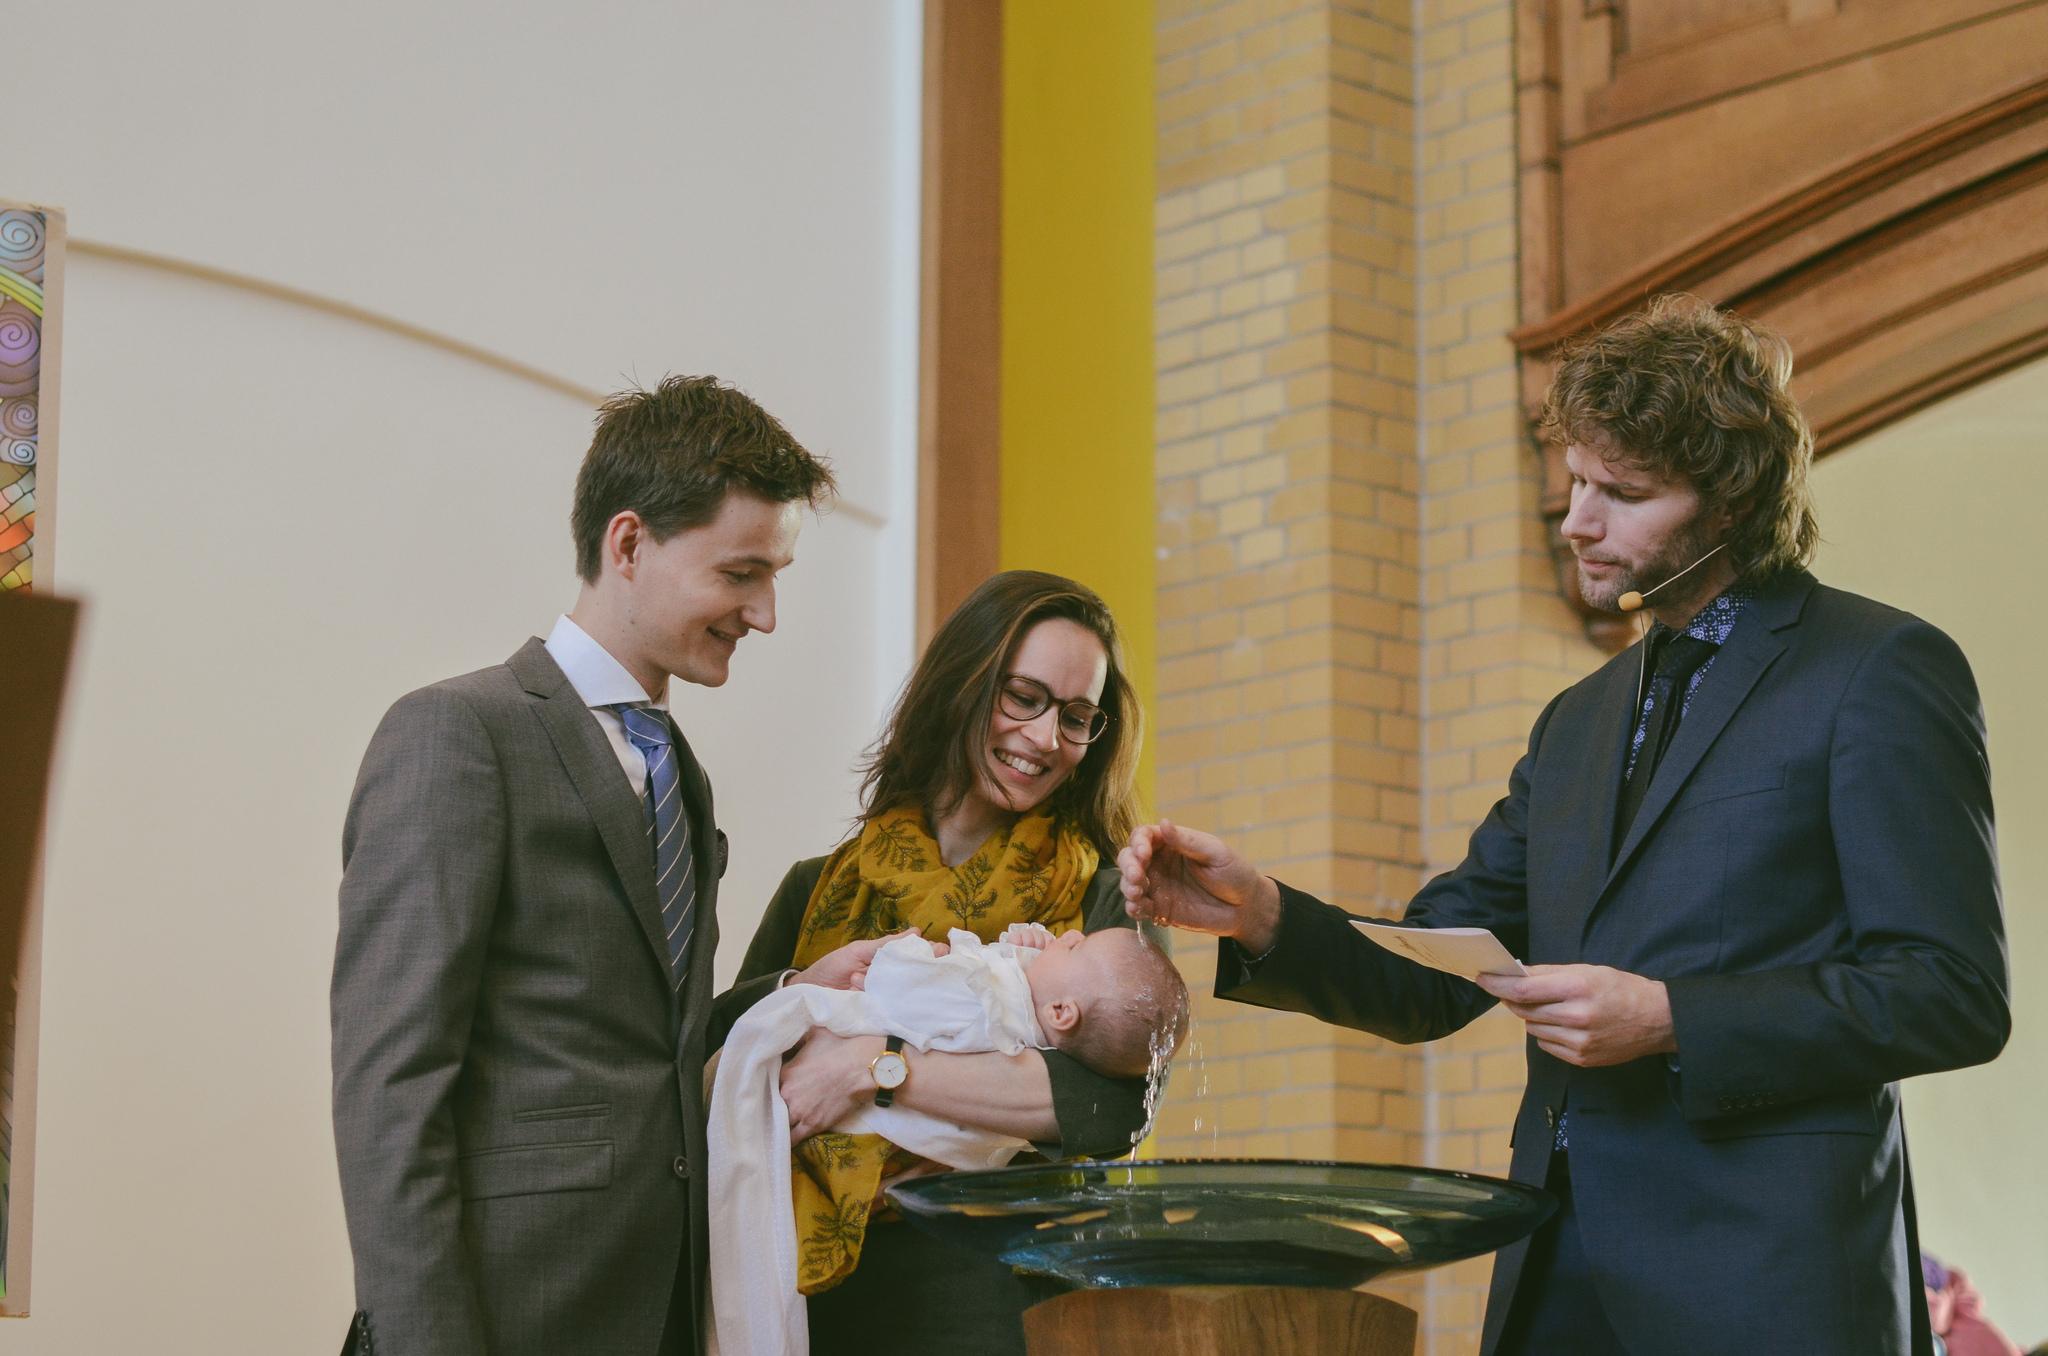 Nieuwe dopelingen aanmelden voor de volgende doopdienst